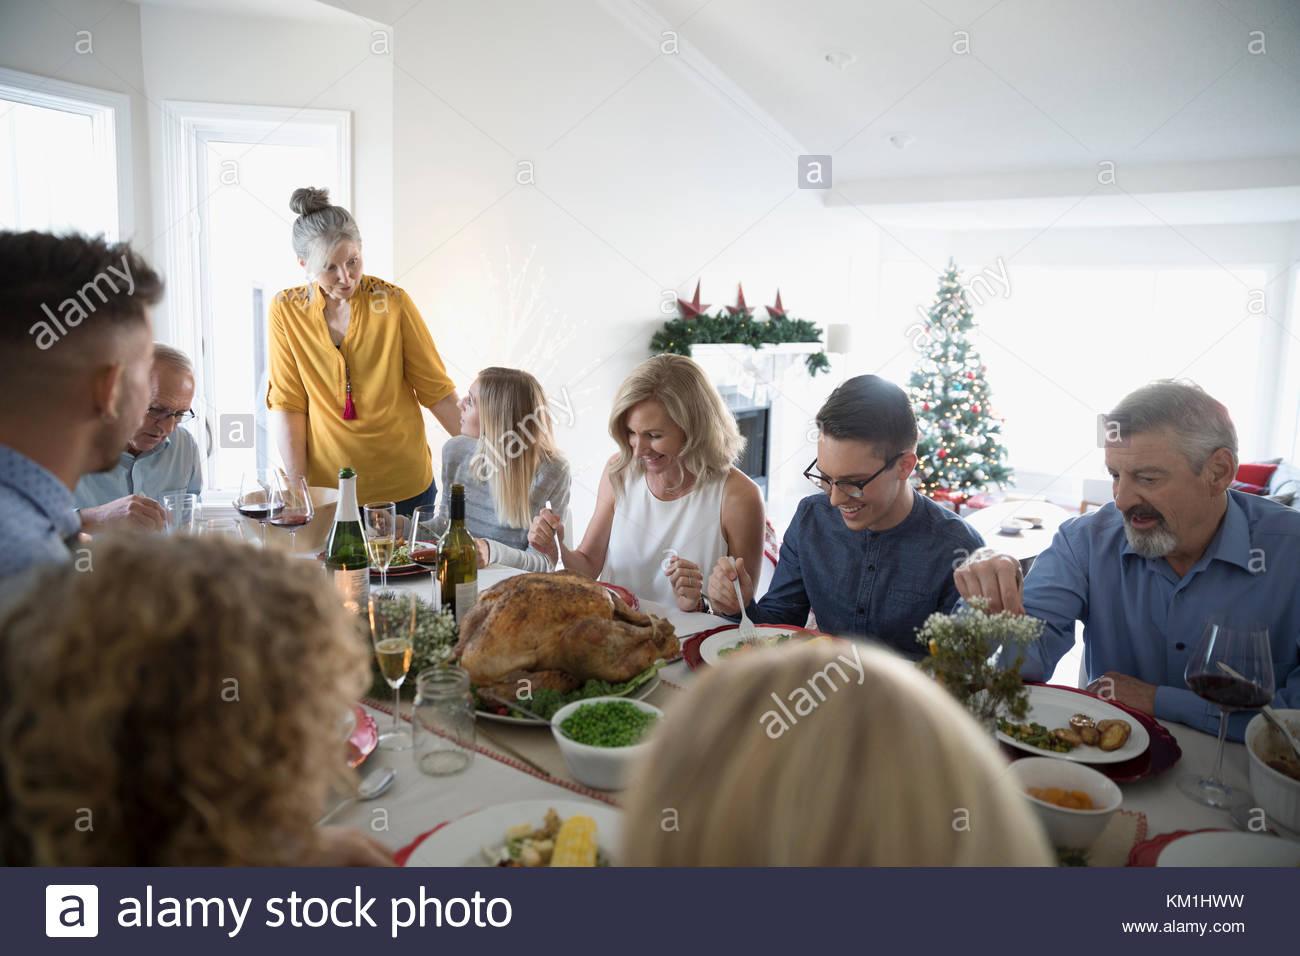 Generación multi-familia disfrutando de Turquía en la mesa de cena de Navidad Imagen De Stock